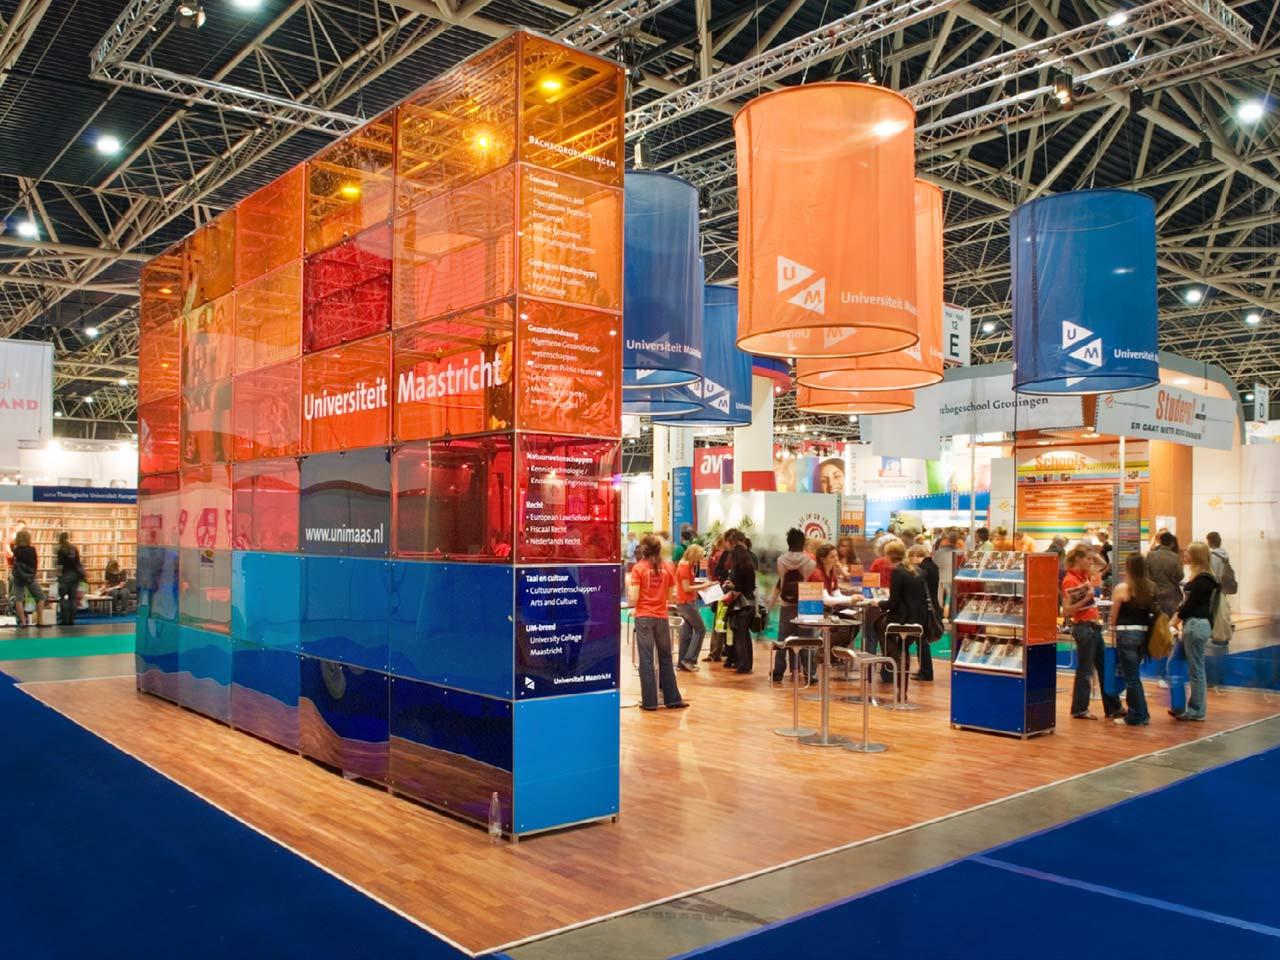 Beursstand Universiteit Maastricht - design: ontwerpbureau VA